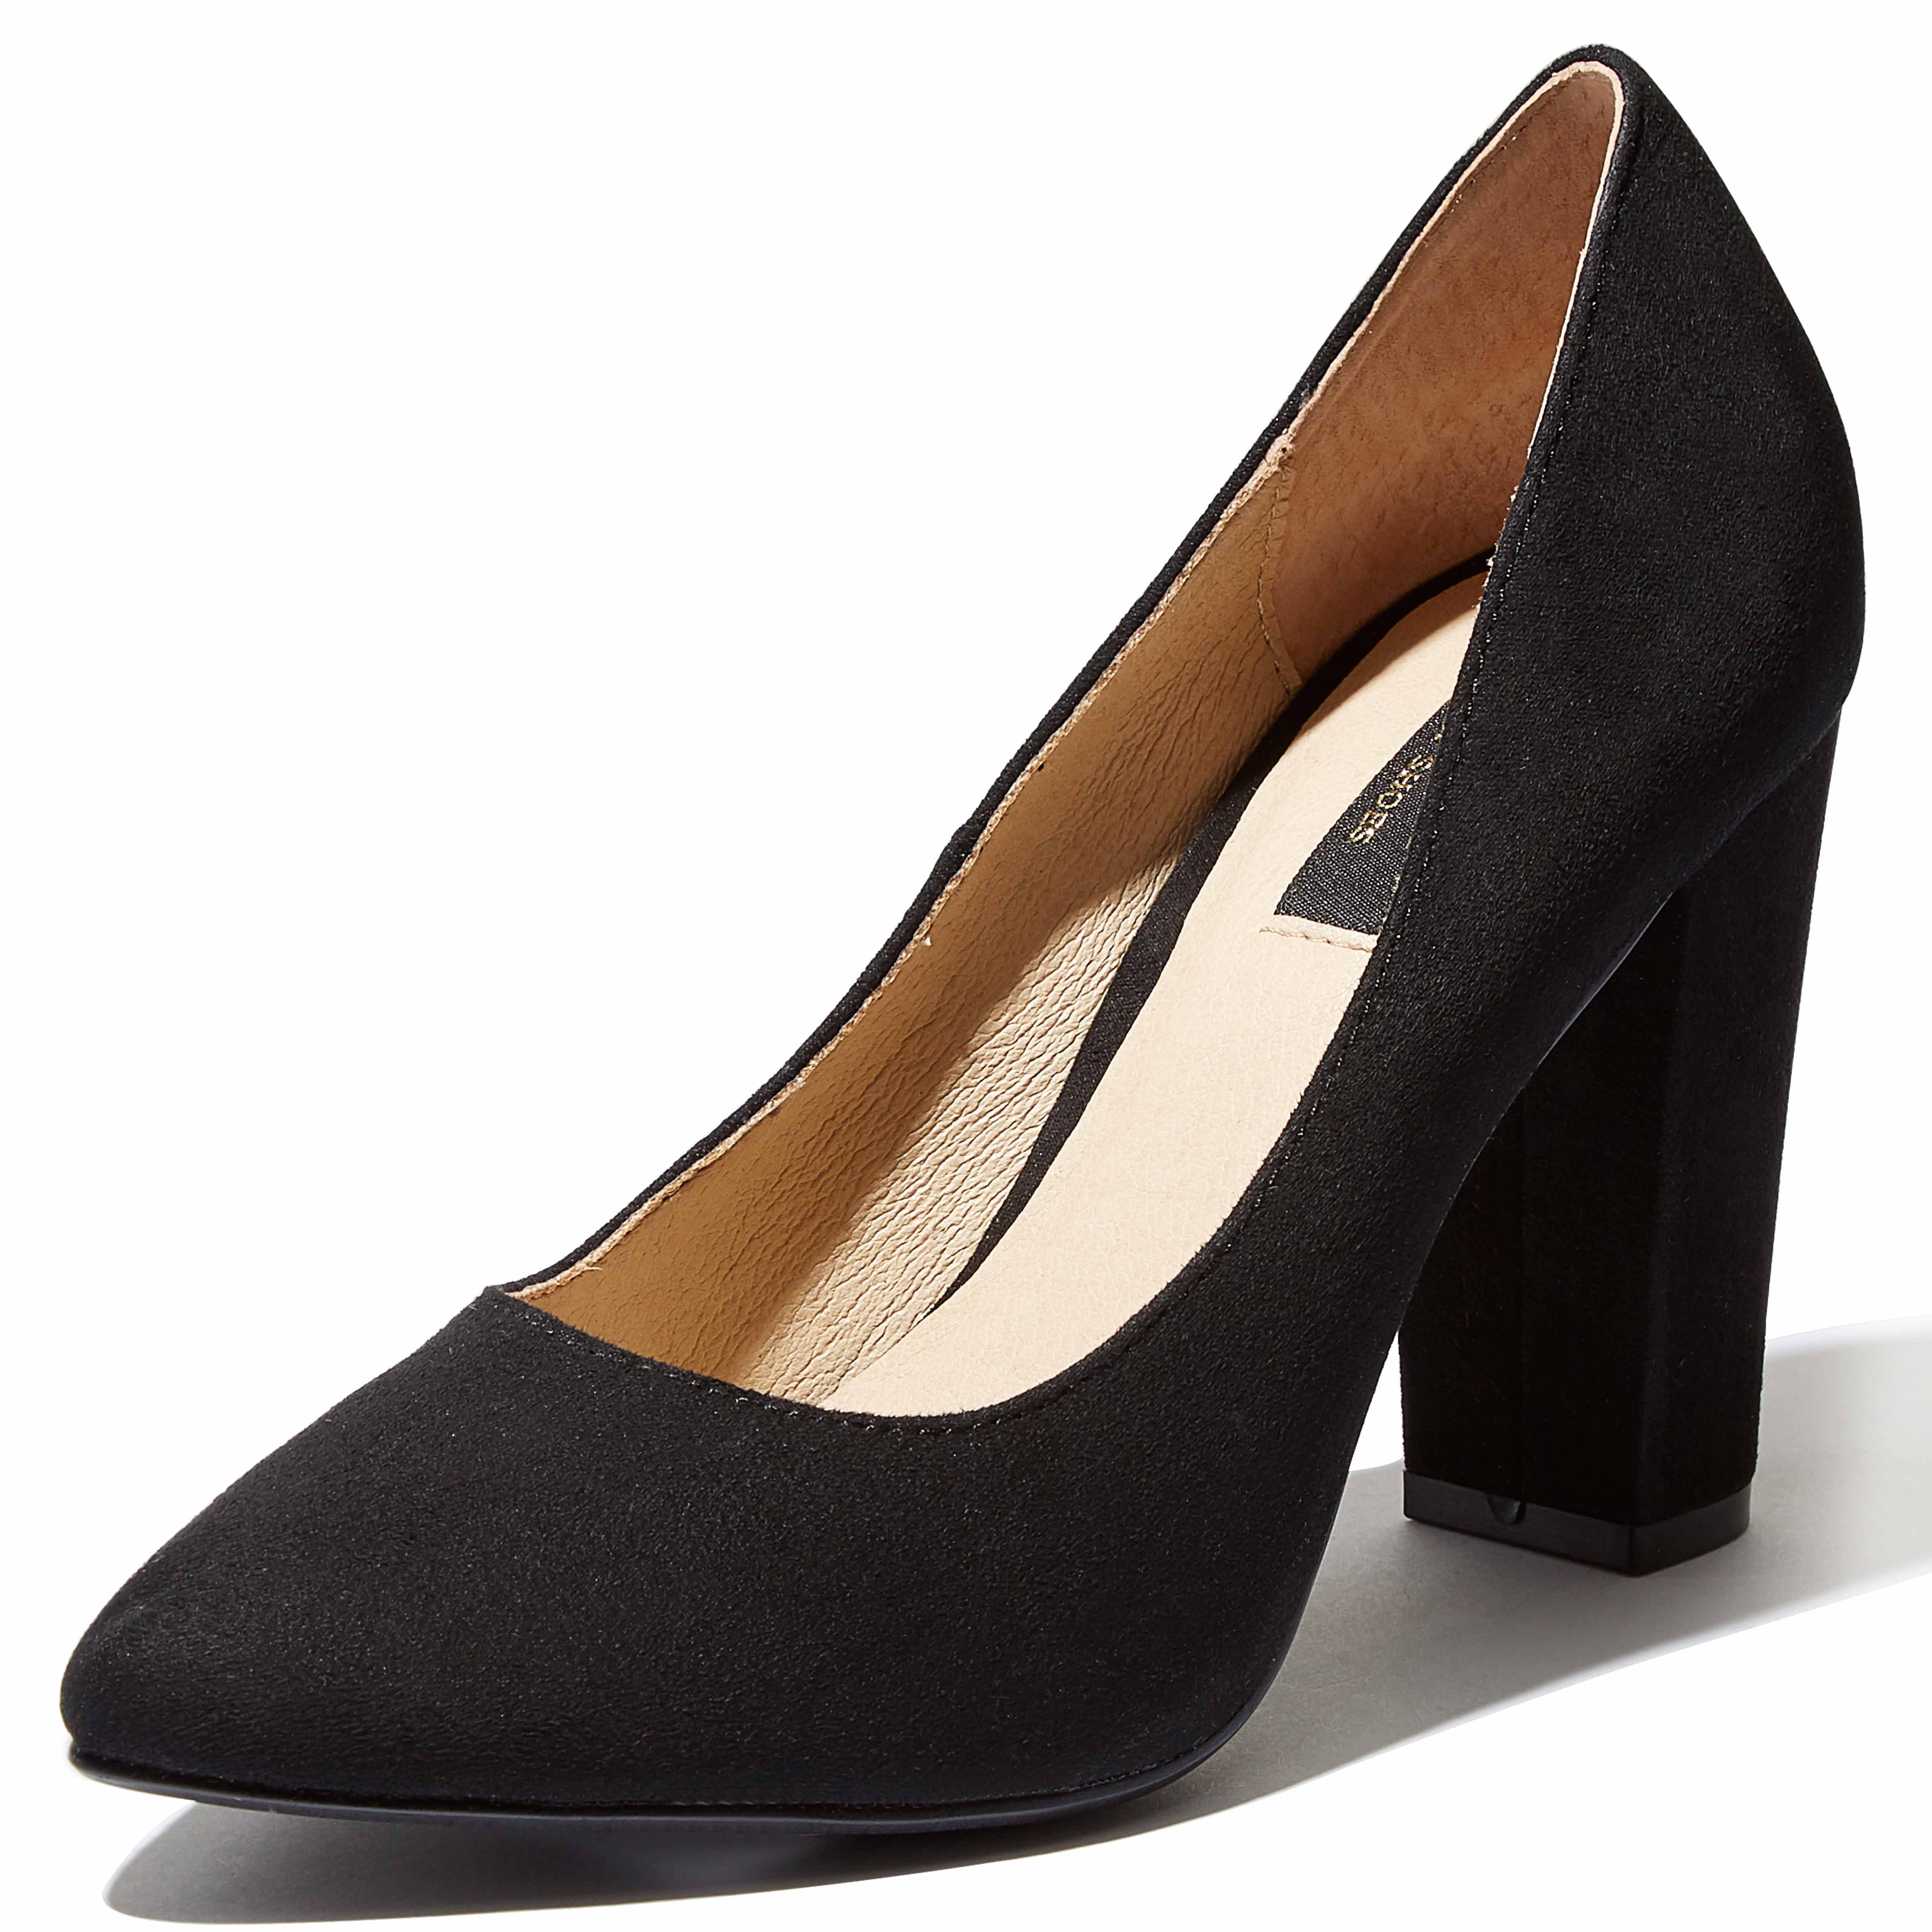 DailyShoes Memory Foam High Heels